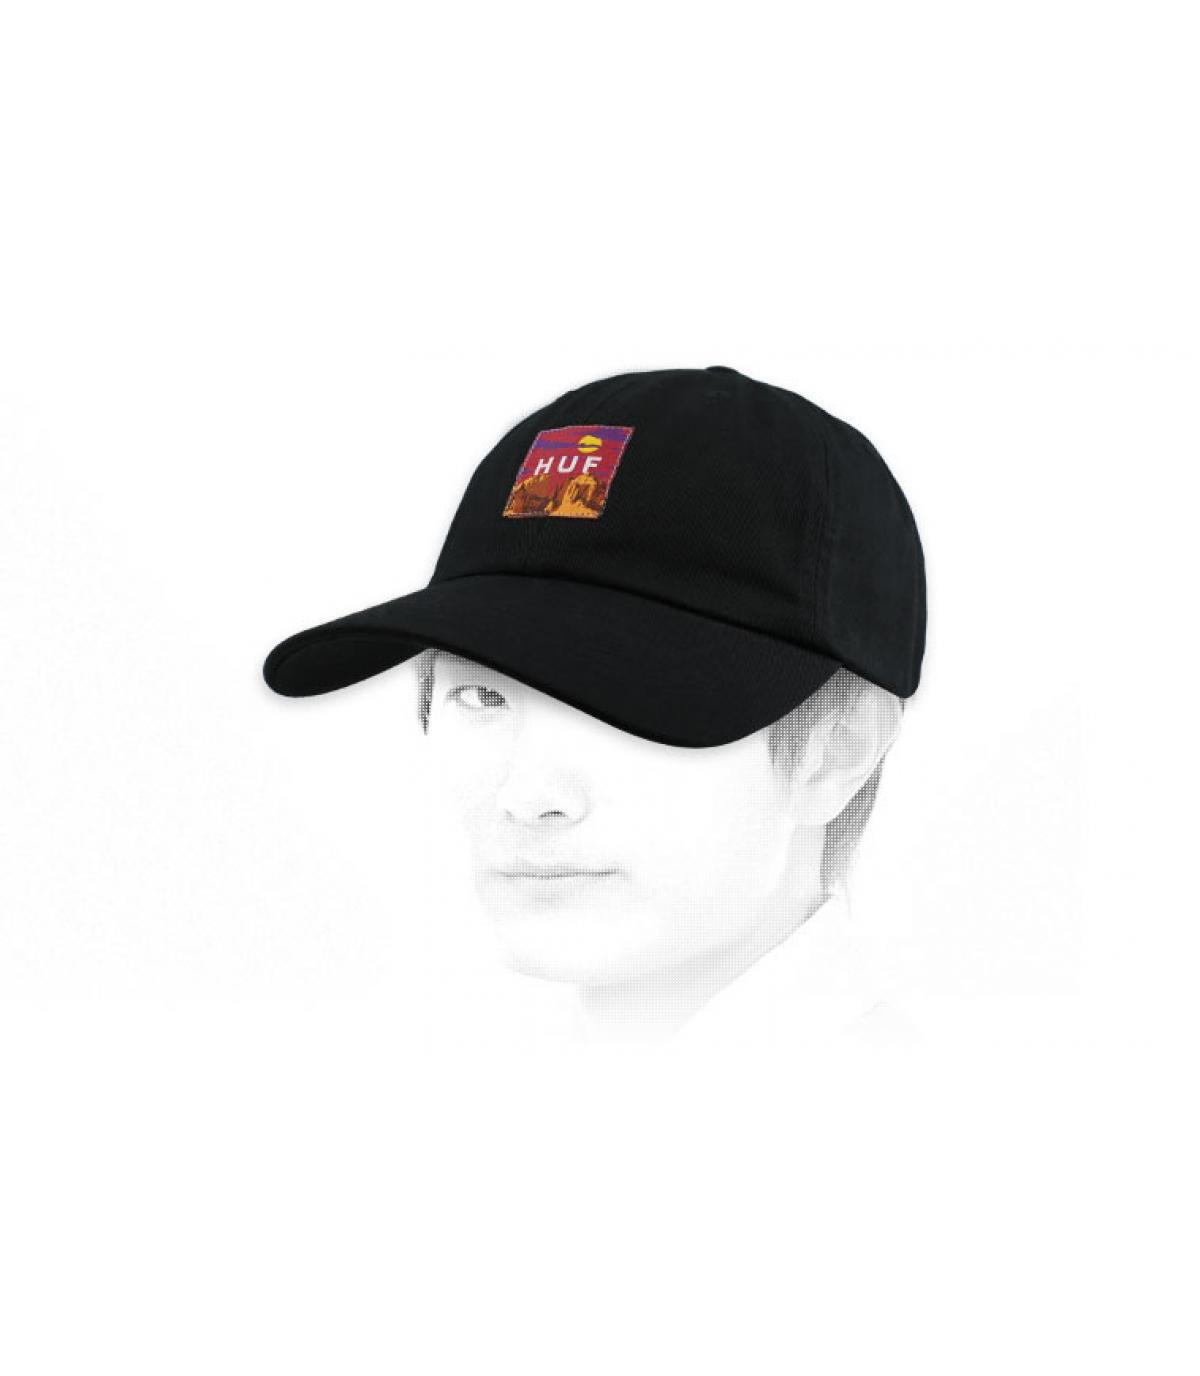 casquette Huf noir patch